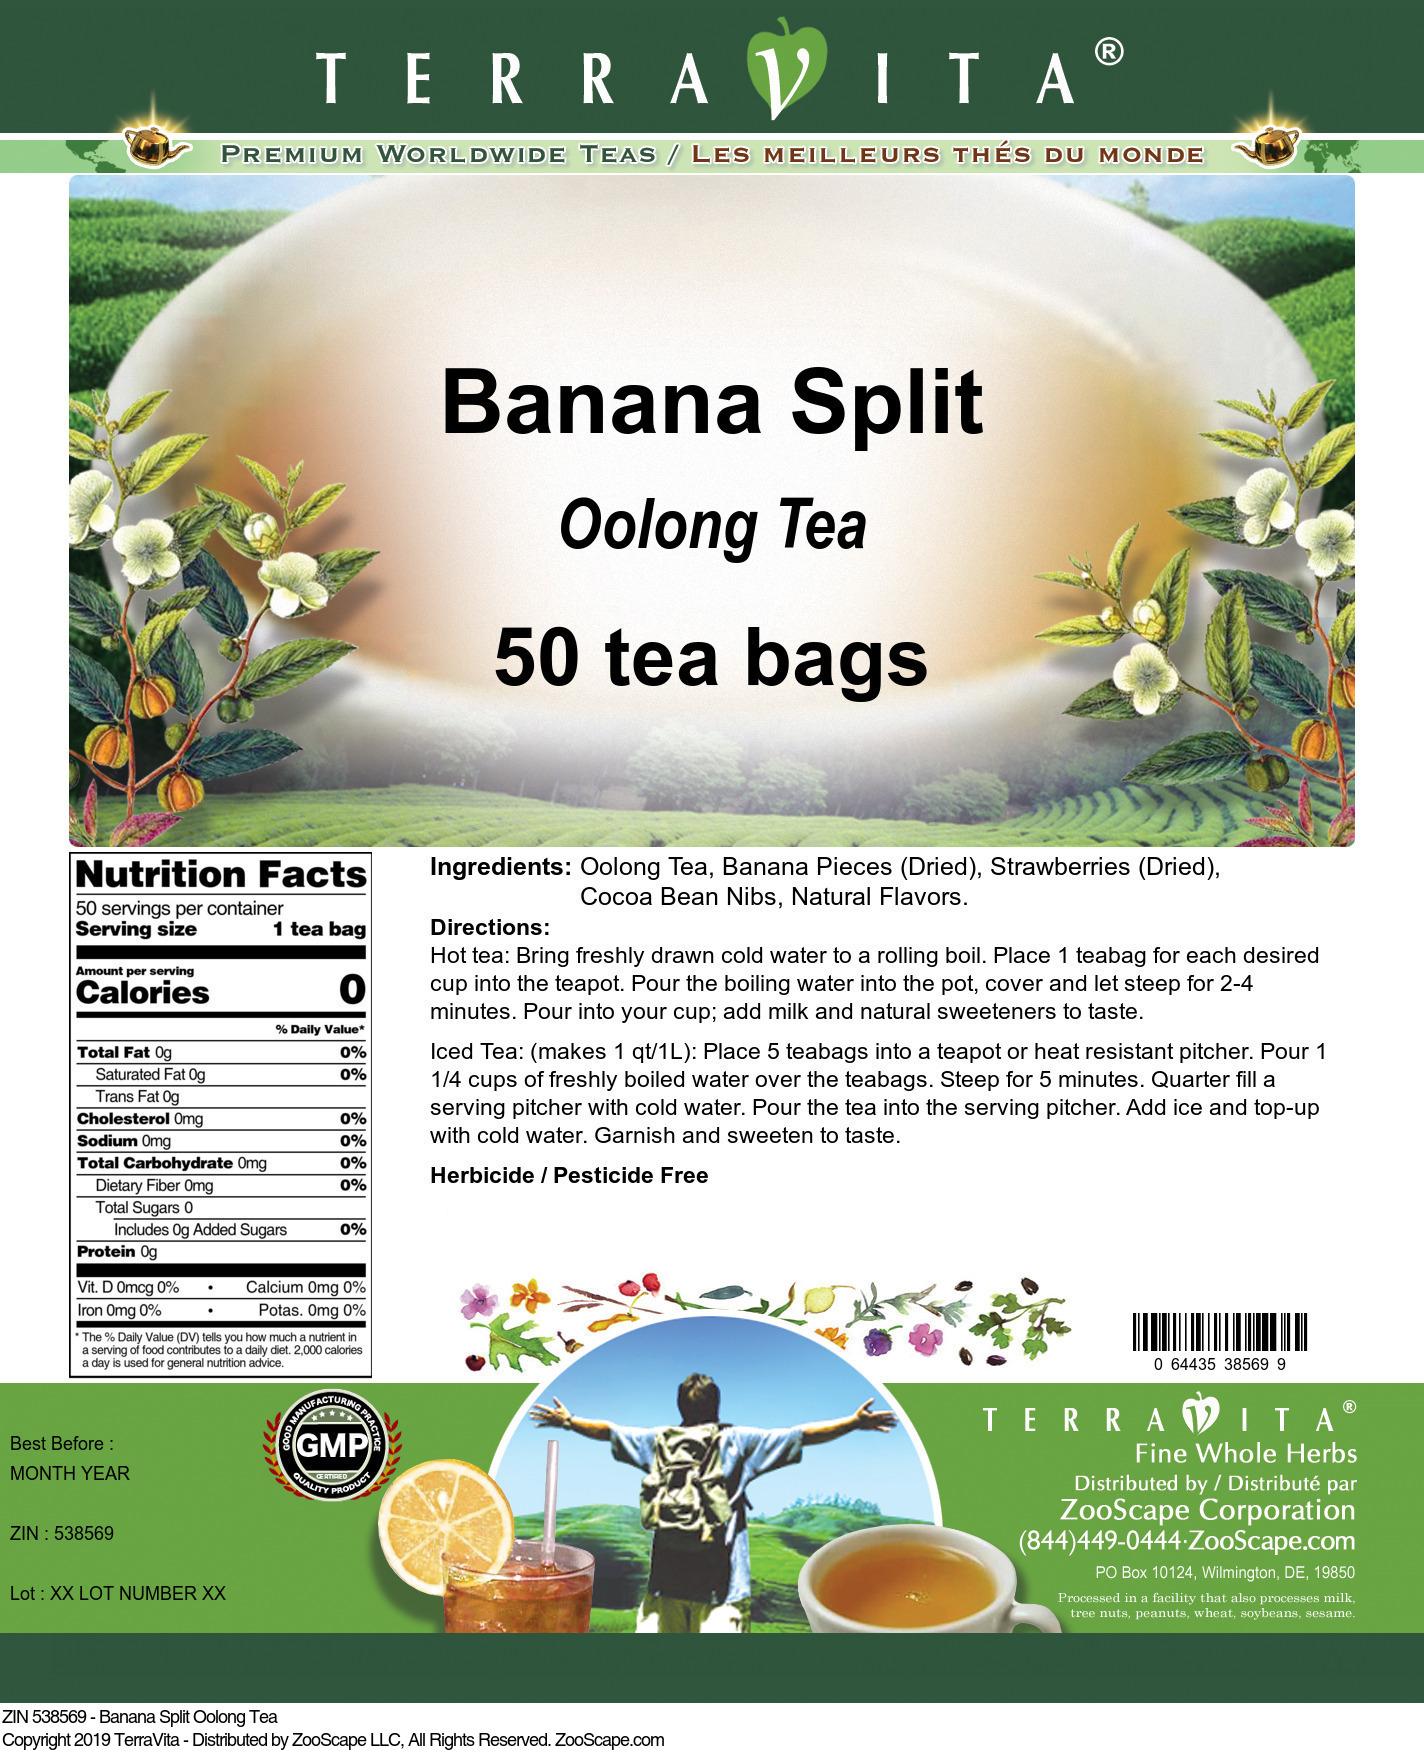 Banana Split Oolong Tea